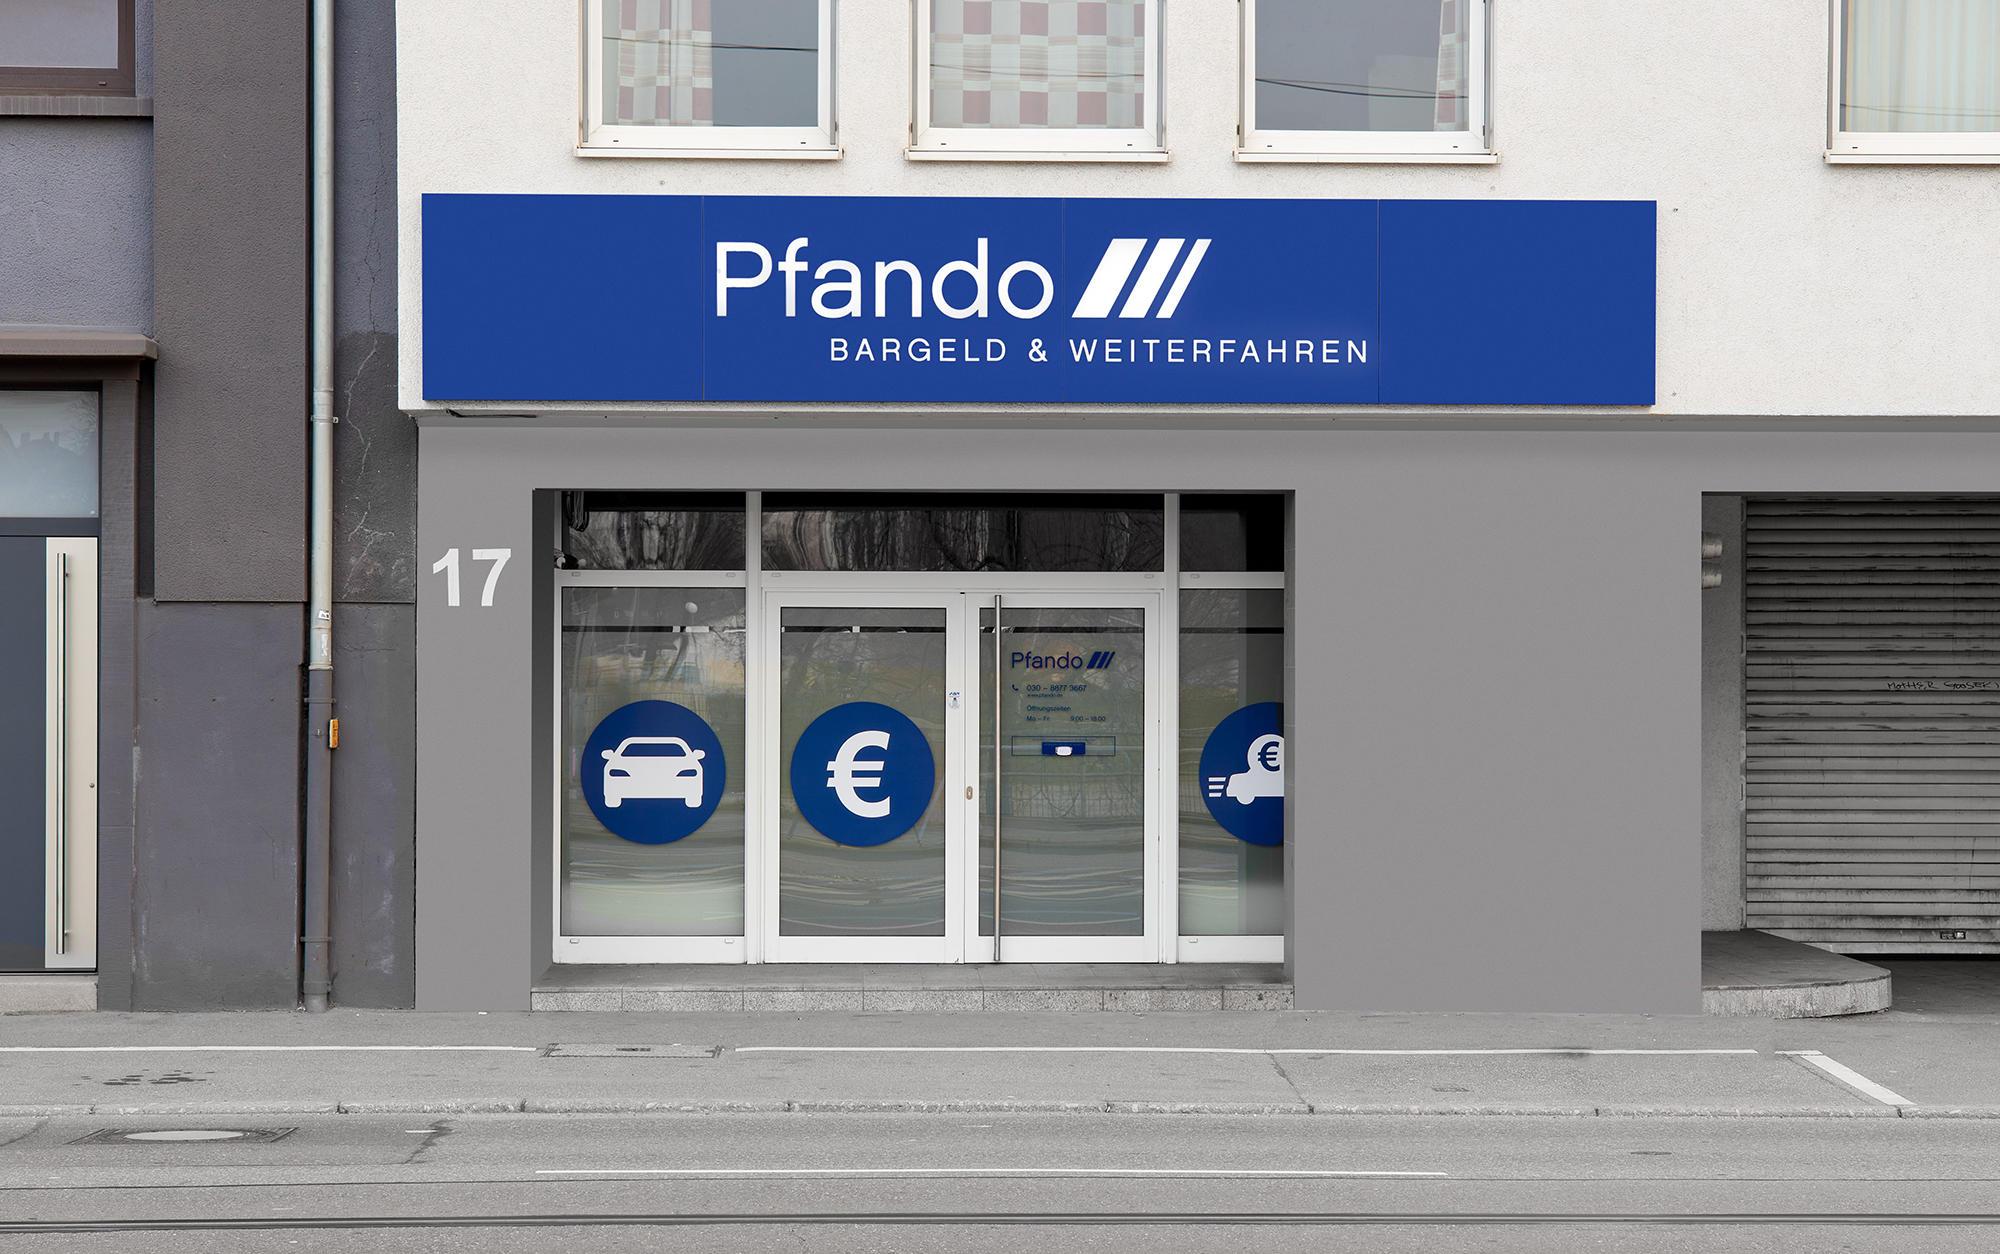 Pfando - Kfz-Pfandleihhaus Stuttgart